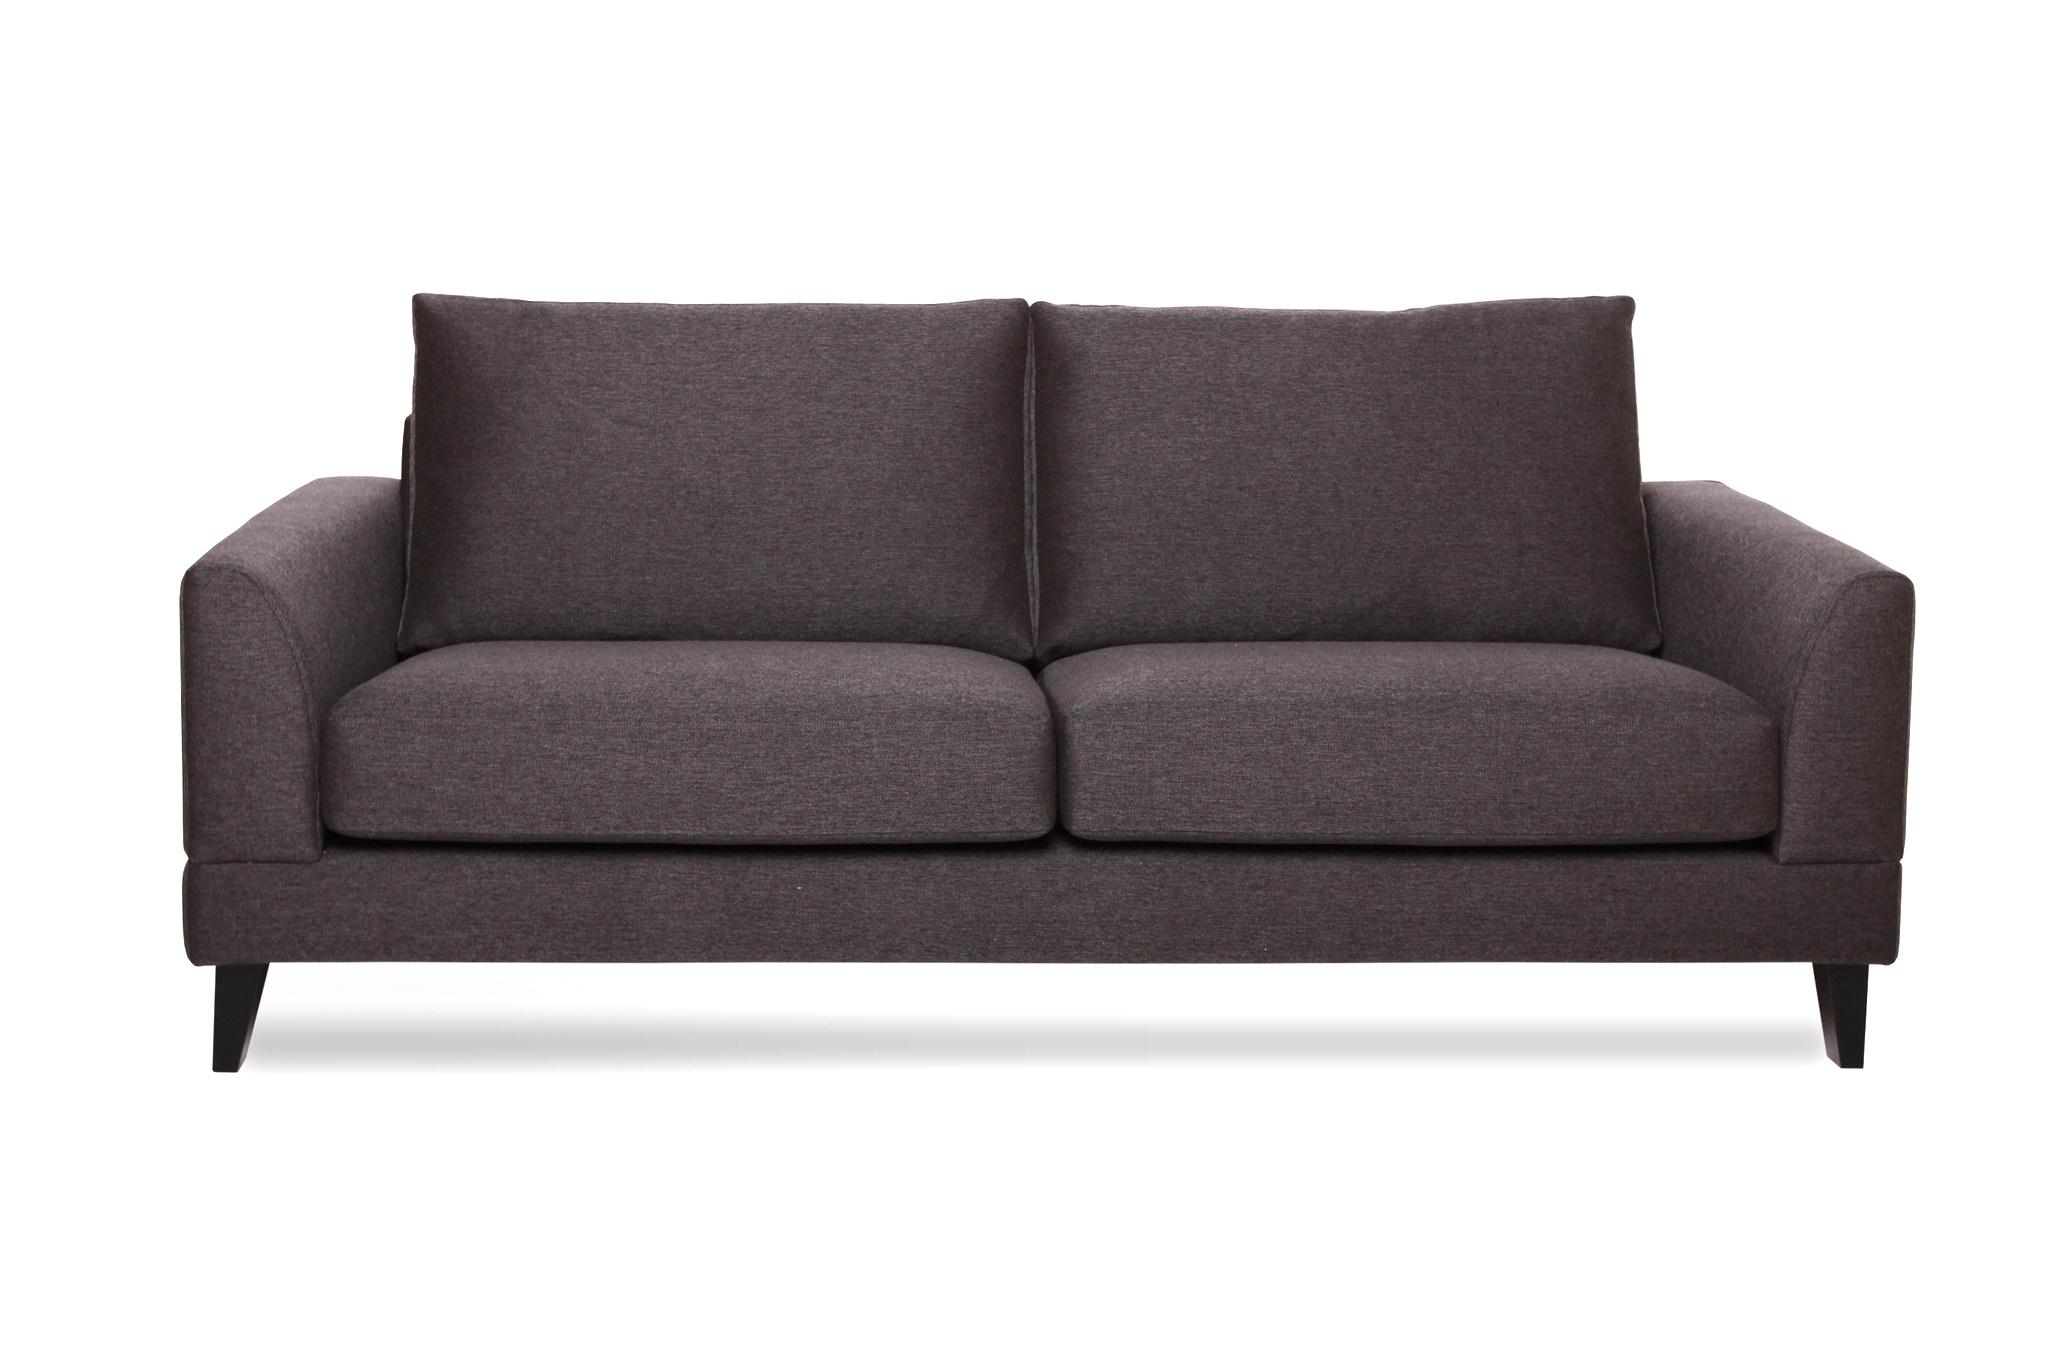 Диван ТромсоТрехместные диваны<br>Прямой  диван Тромсо длиной 215 см. Невысокий и широкий диван обеспечит максимальный комфорт, а простота дизайна подчеркнет легкий и естественный скандинавский стиль.&amp;lt;div&amp;gt;&amp;lt;br&amp;gt;&amp;lt;div&amp;gt;Не разбирается.&amp;amp;nbsp;&amp;lt;/div&amp;gt;&amp;lt;div&amp;gt;Каркас (комбинации дерева, фанеры и ЛДСП). Для сидячих подушек используют пену различной плотности, а также перо и силиконовое волокно.&amp;amp;nbsp;&amp;lt;/div&amp;gt;&amp;lt;div&amp;gt;Для задних подушек есть пять видов наполнения: пена, измельченая пена, пена высокой эластичности, силиконовые волокно.&amp;amp;nbsp;&amp;lt;/div&amp;gt;&amp;lt;div&amp;gt;Материал обивки: Linda 7/2 dark antrazite  (100% PP полипропиленовое волокно).&amp;lt;/div&amp;gt;&amp;lt;/div&amp;gt;<br><br>Material: Текстиль<br>Ширина см: 215<br>Высота см: 75<br>Глубина см: 95